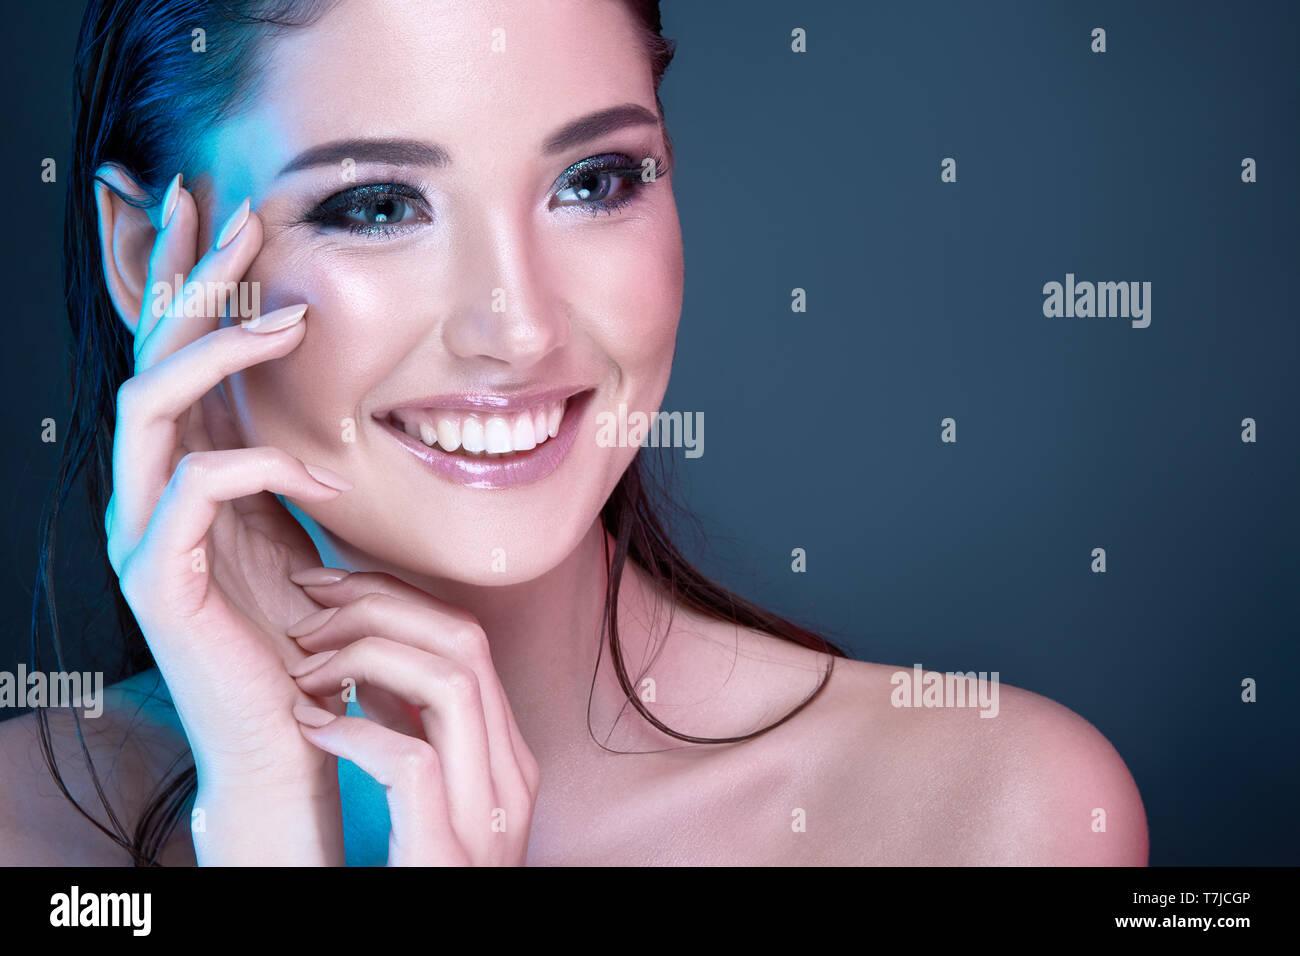 Maquillaje tutorial Foto de stock